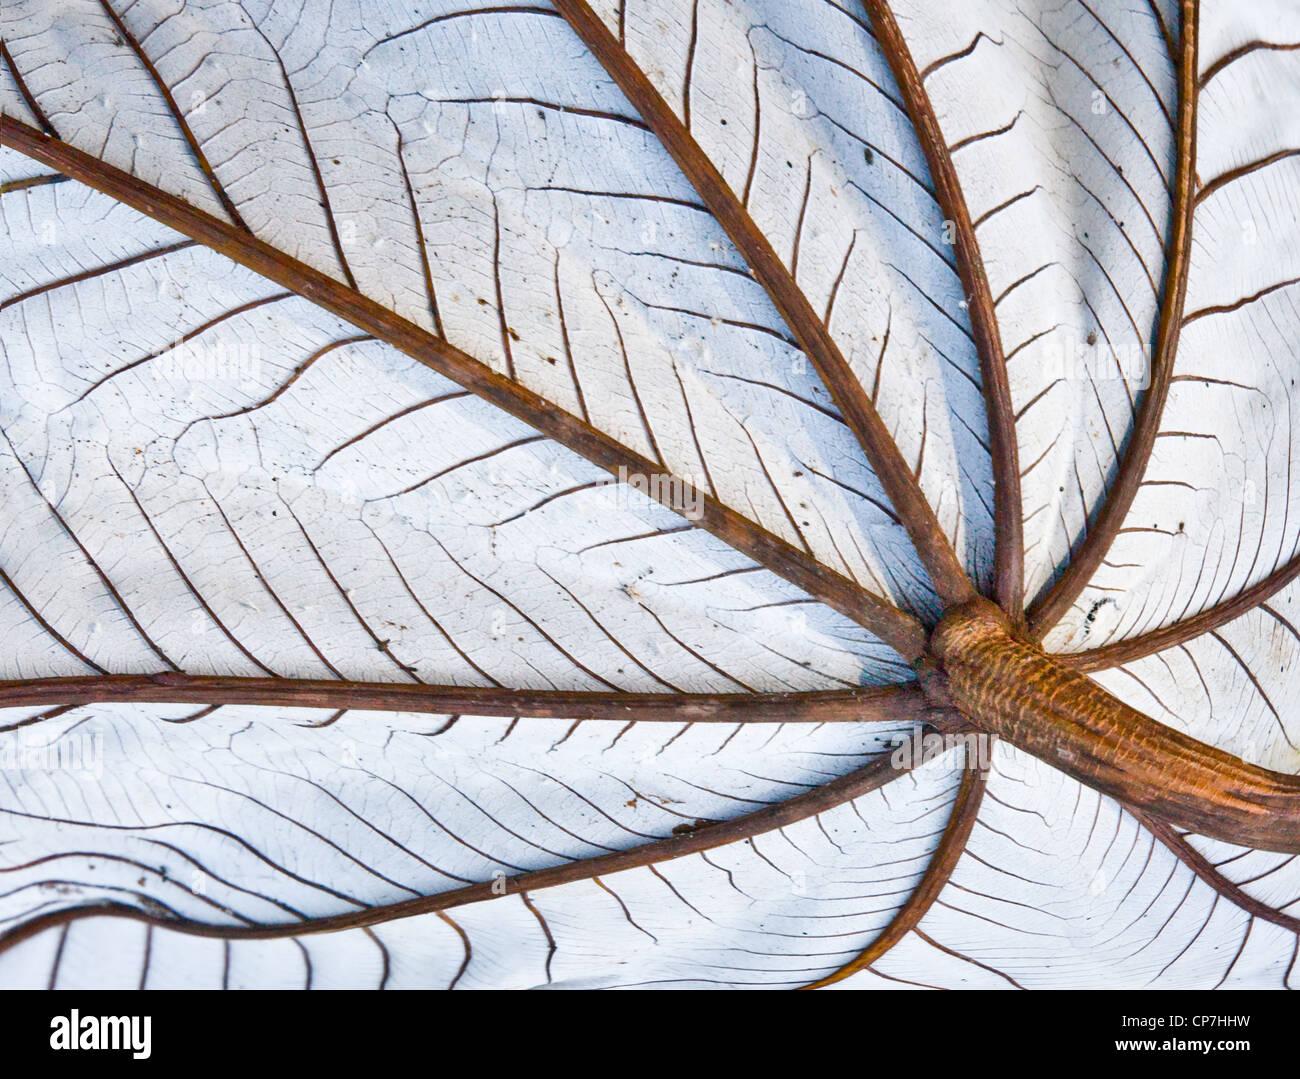 Unterseite des großen Blattes eine Jackfrucht Baum zeigt Regenschirm wie Stamm und Venen und silbernen Unterseite Stockfoto